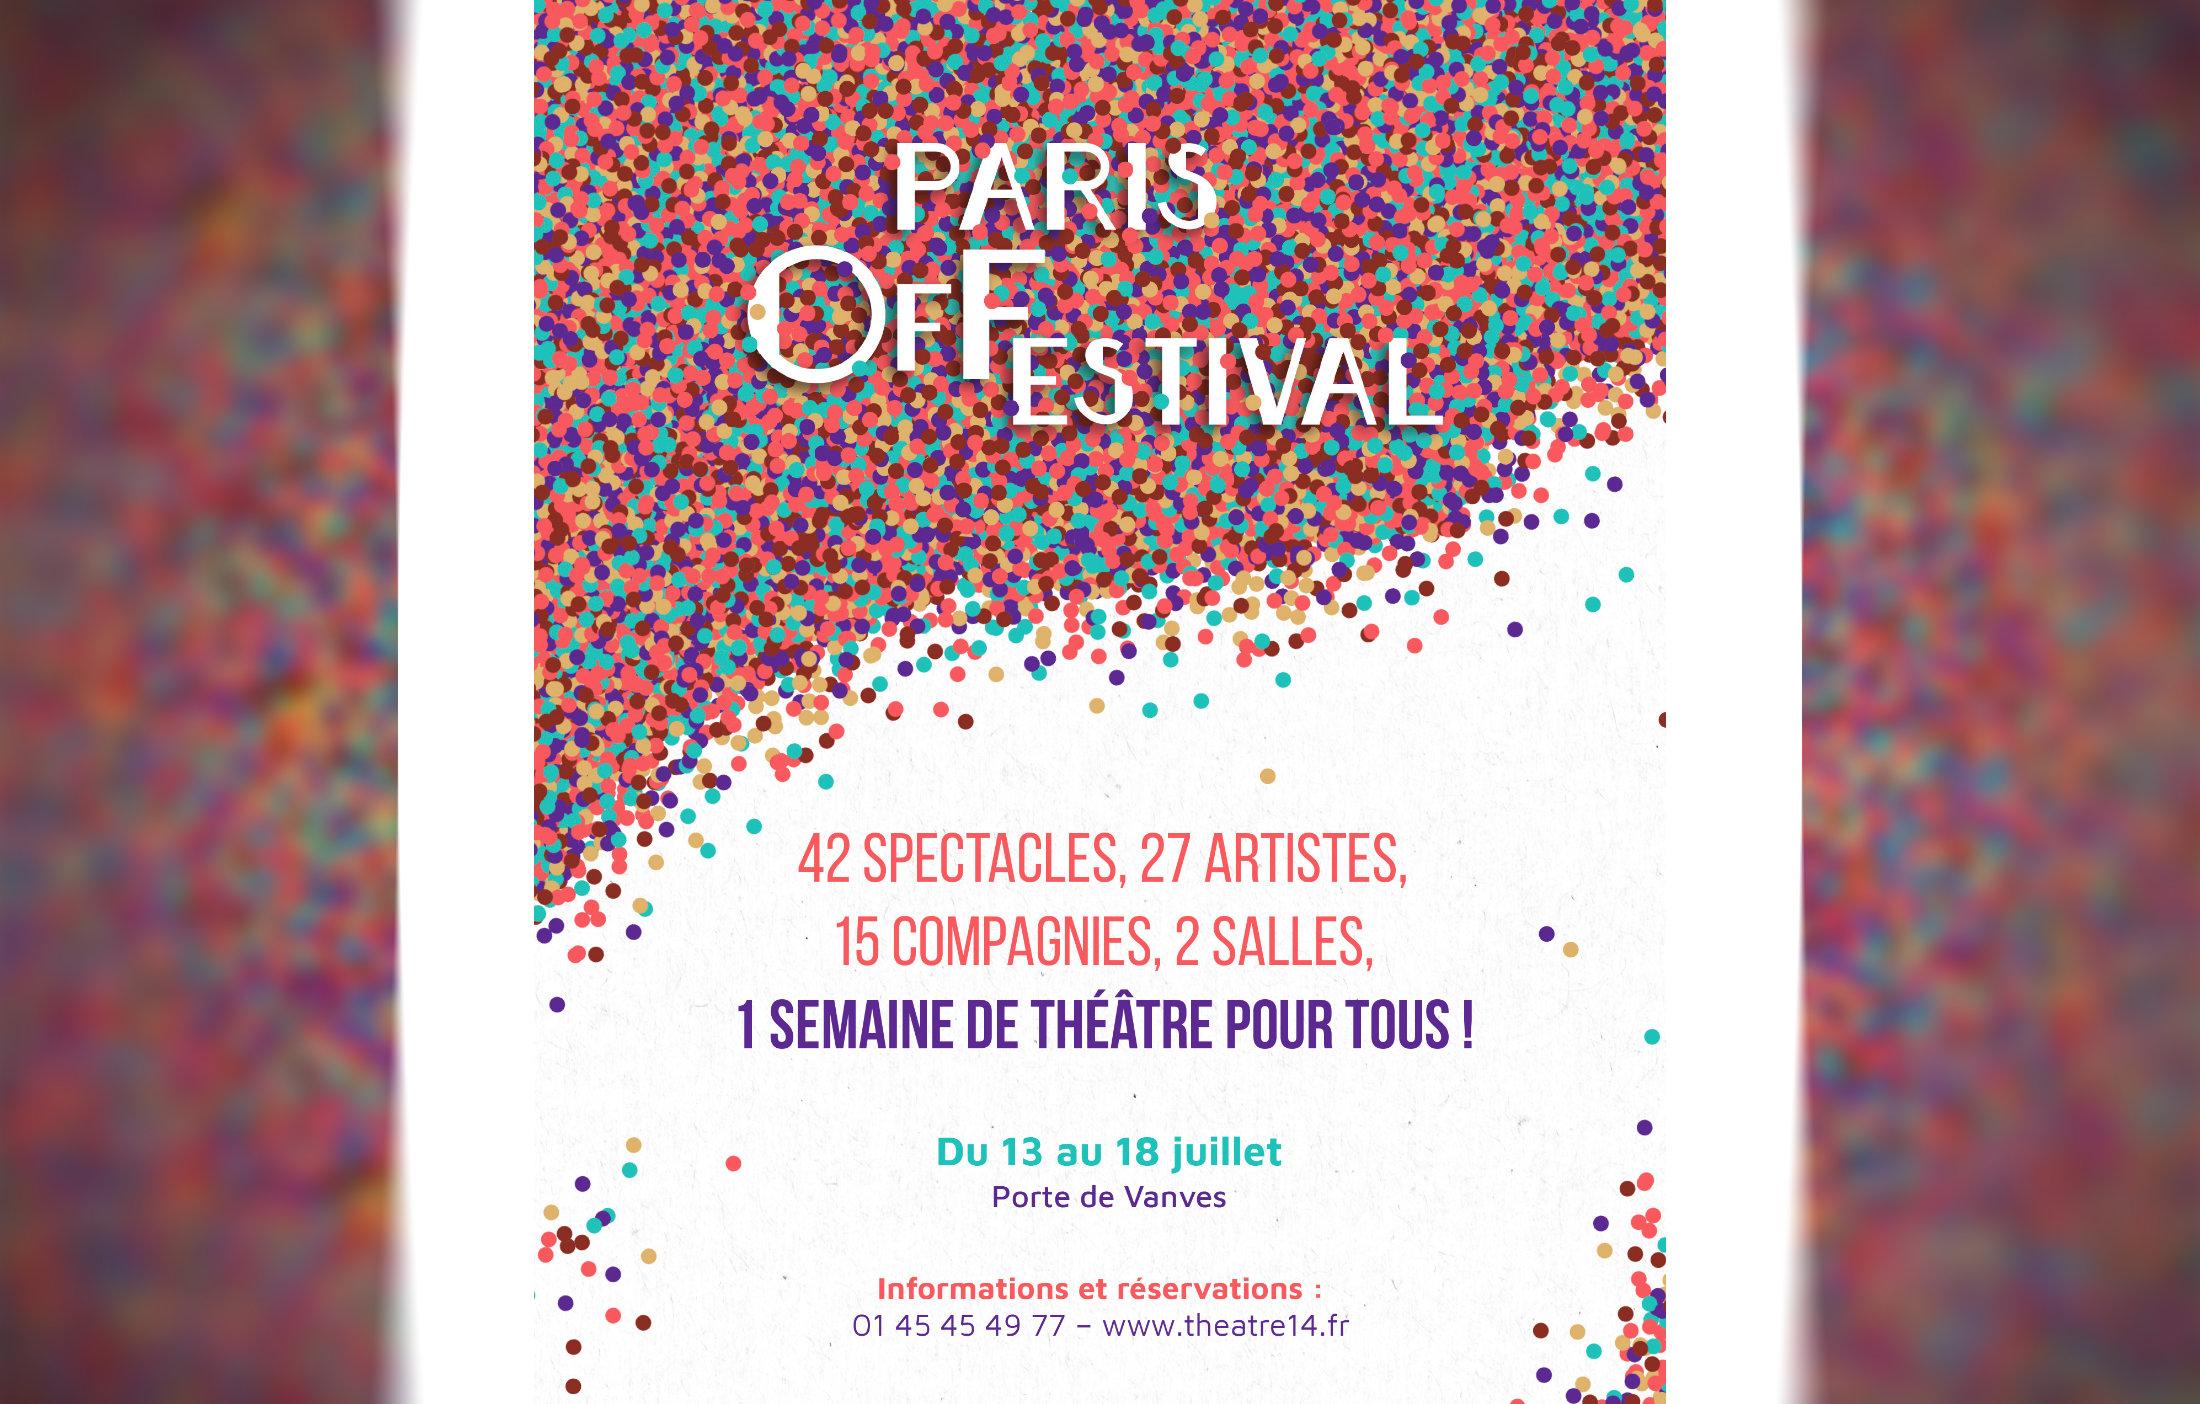 ParisOFFestival-2020@2x